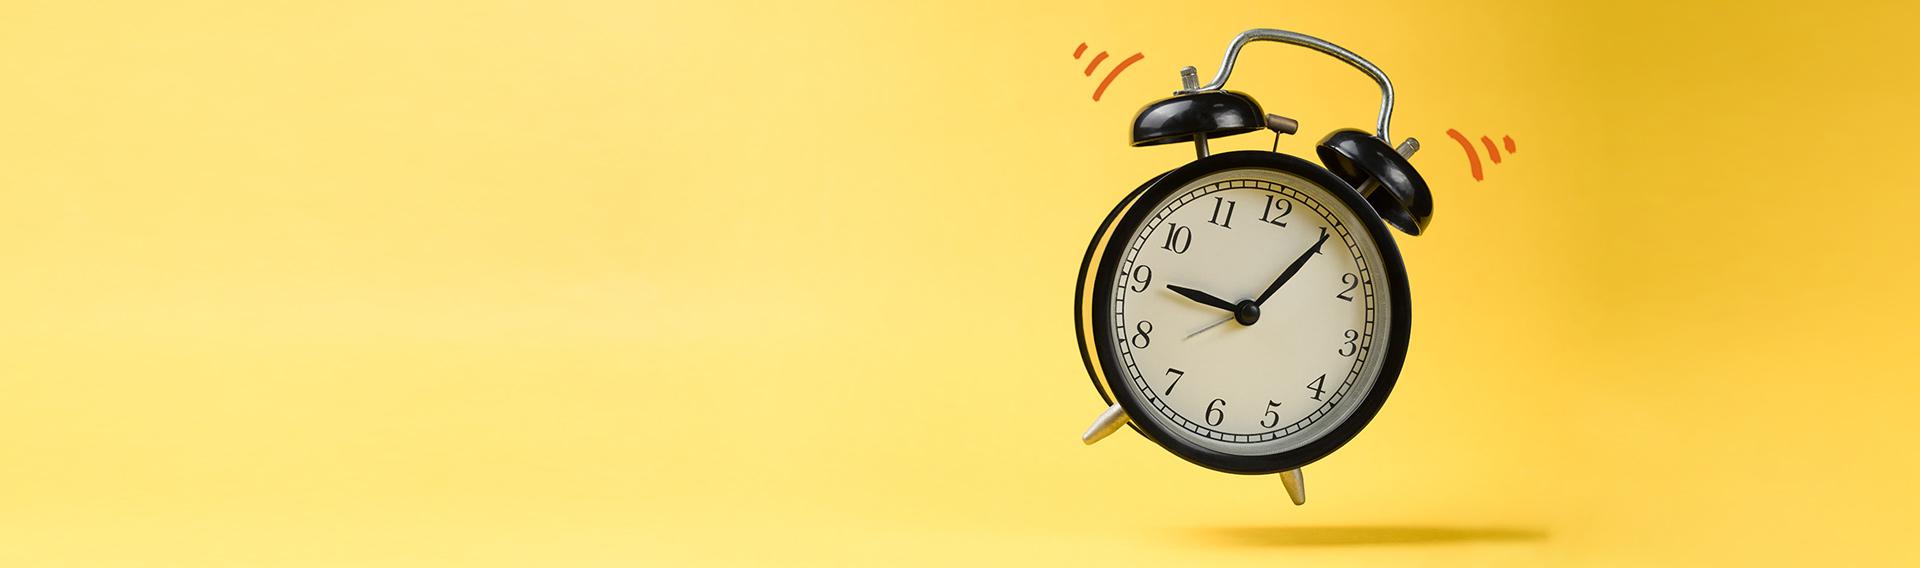 Ofertas de la semana. Ahorra hasta 35%*. ¡No lo pienses más y ahorra en grande!